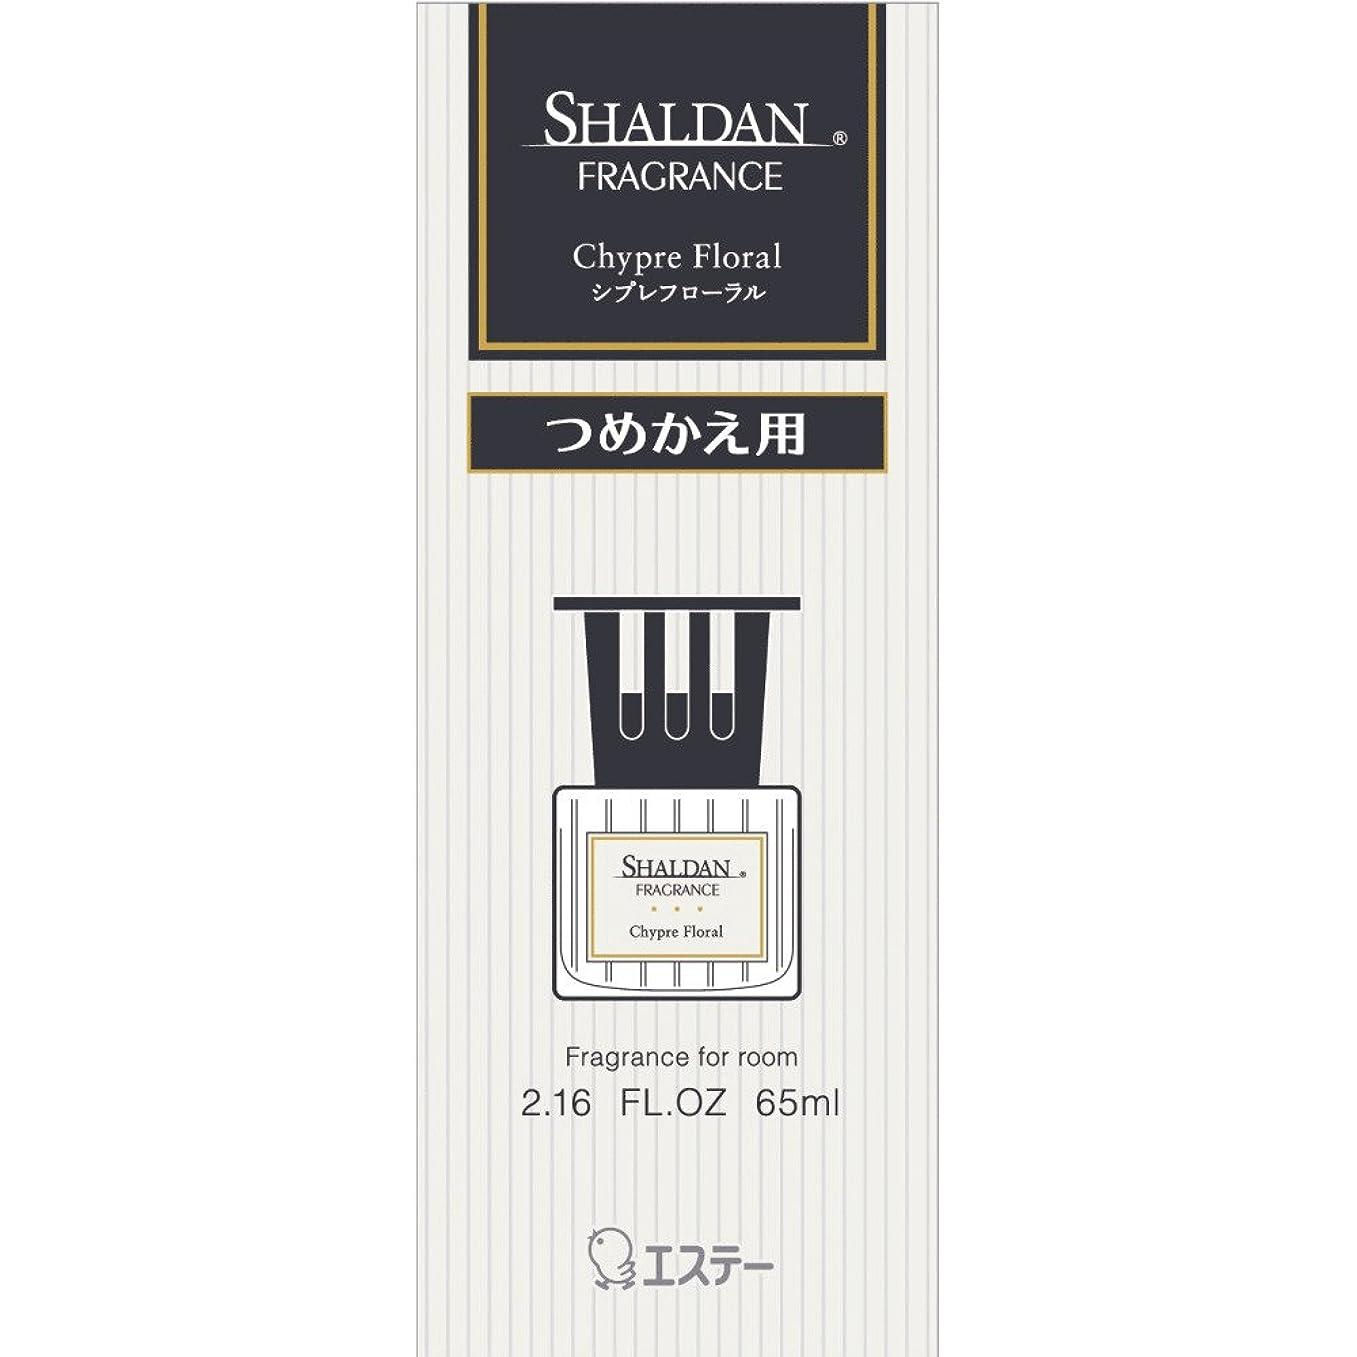 ジョージハンブリーロボットベアリングシャルダン SHALDAN フレグランス 消臭芳香剤 部屋用 つめかえ シプレフローラル 65ml